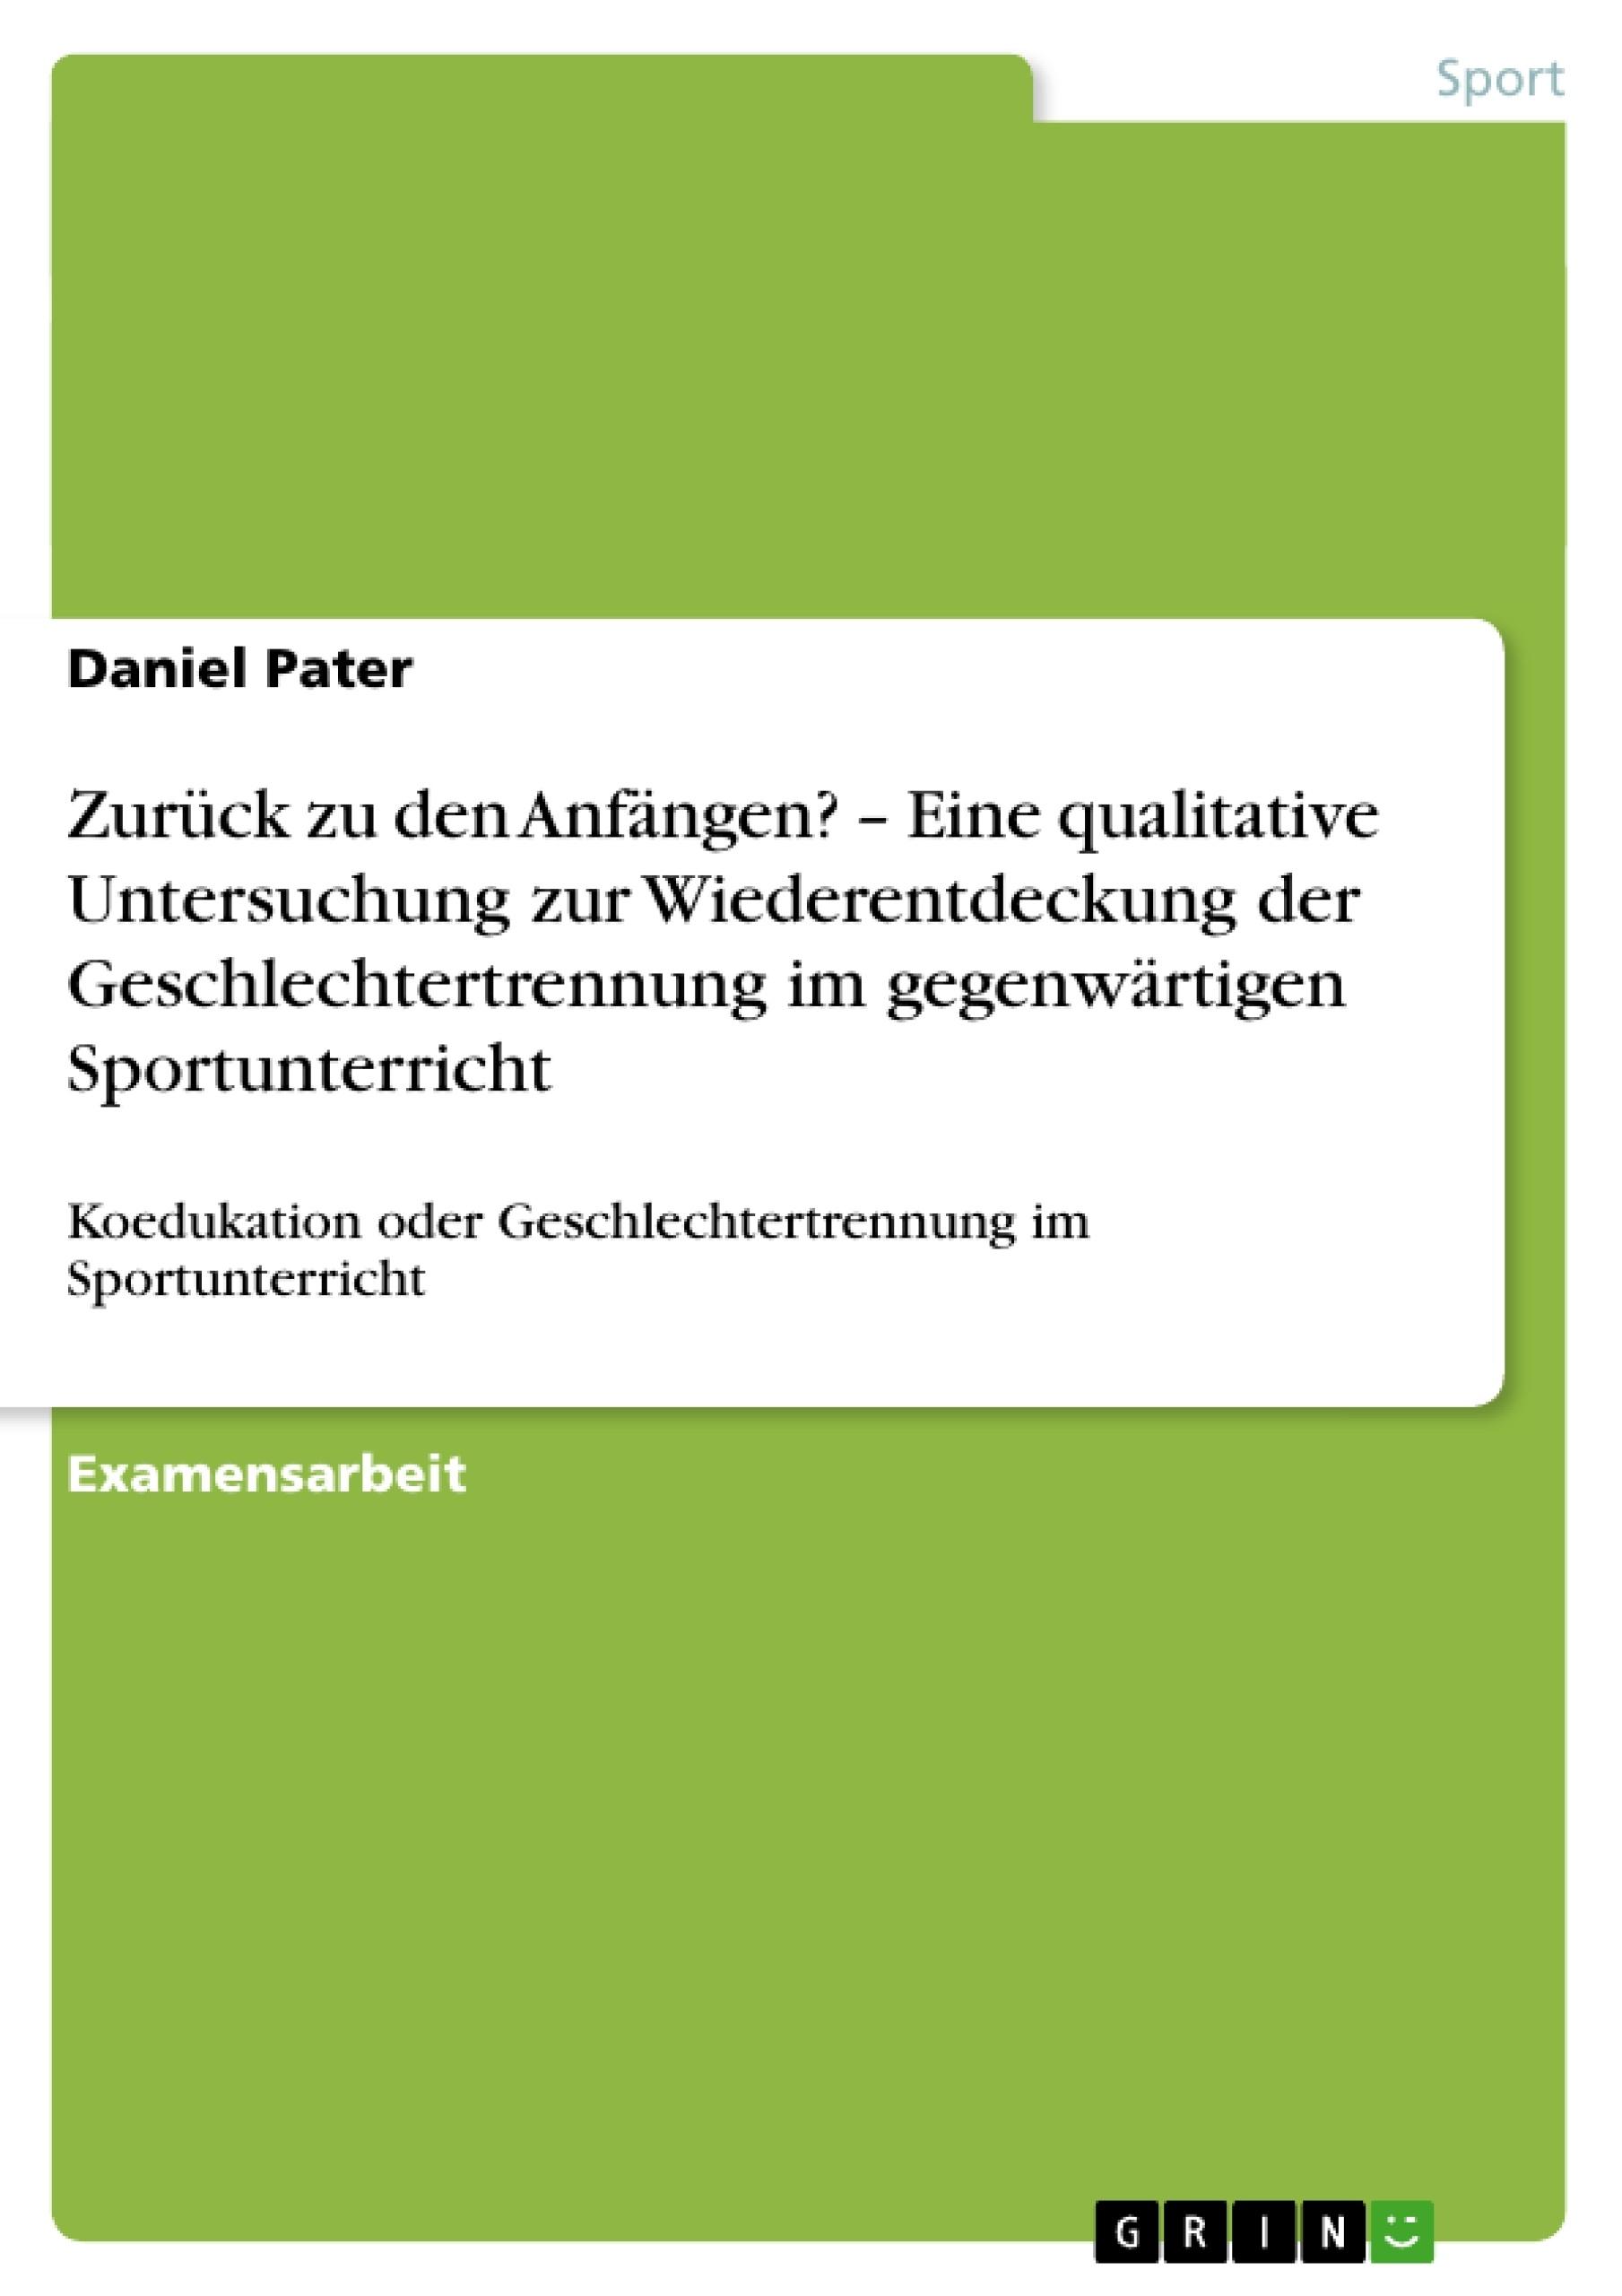 Titel: Zurück zu den Anfängen? –  Eine qualitative Untersuchung zur Wiederentdeckung der Geschlechtertrennung im gegenwärtigen Sportunterricht